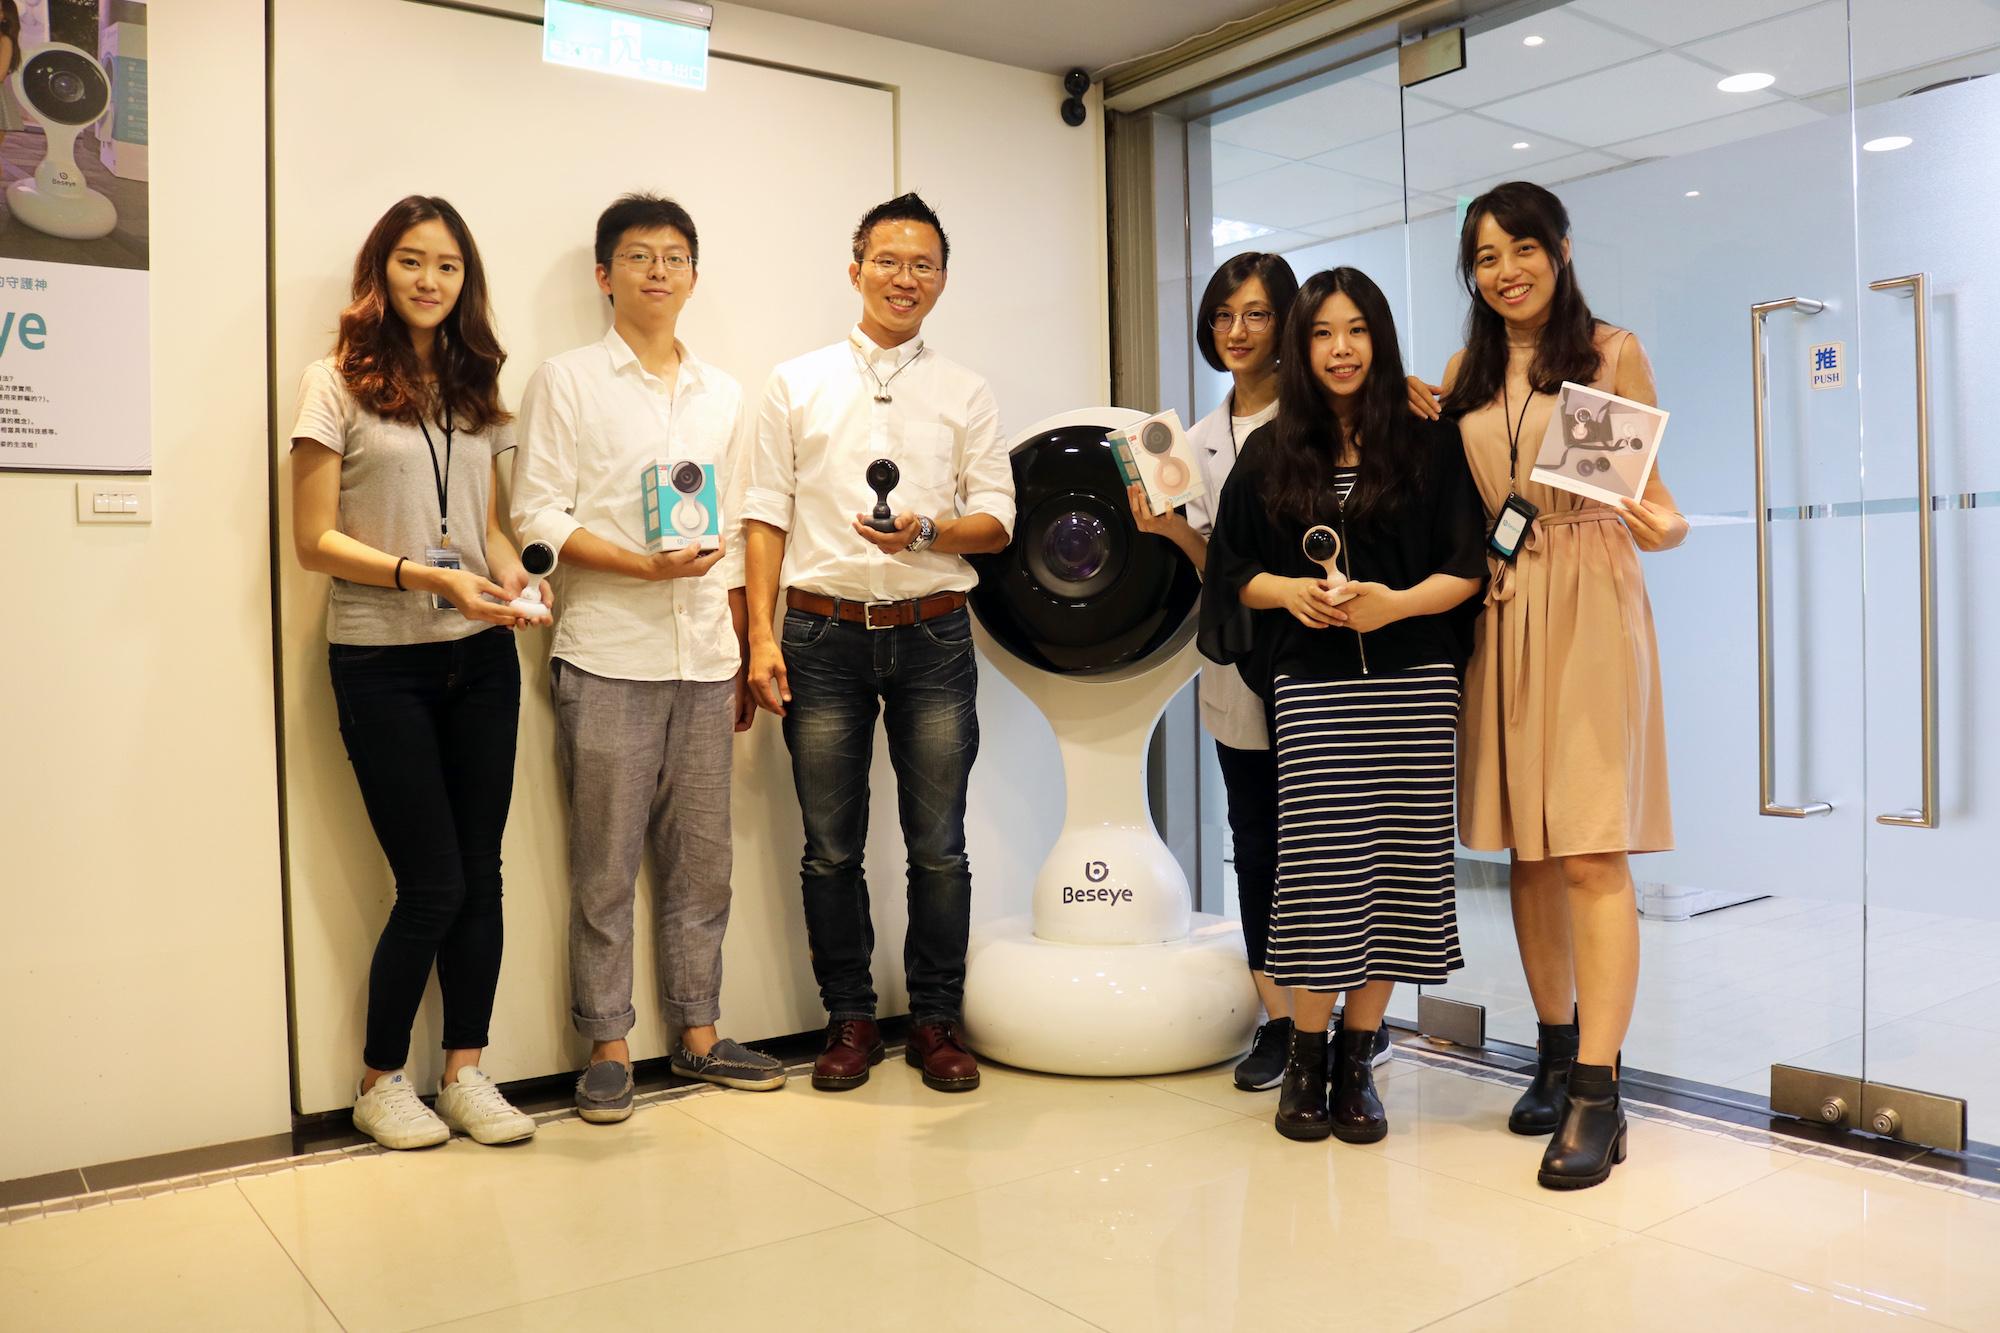 物聯網結合 AI,雲端攝影機 Beseye 產品打造、電商創業歷程!